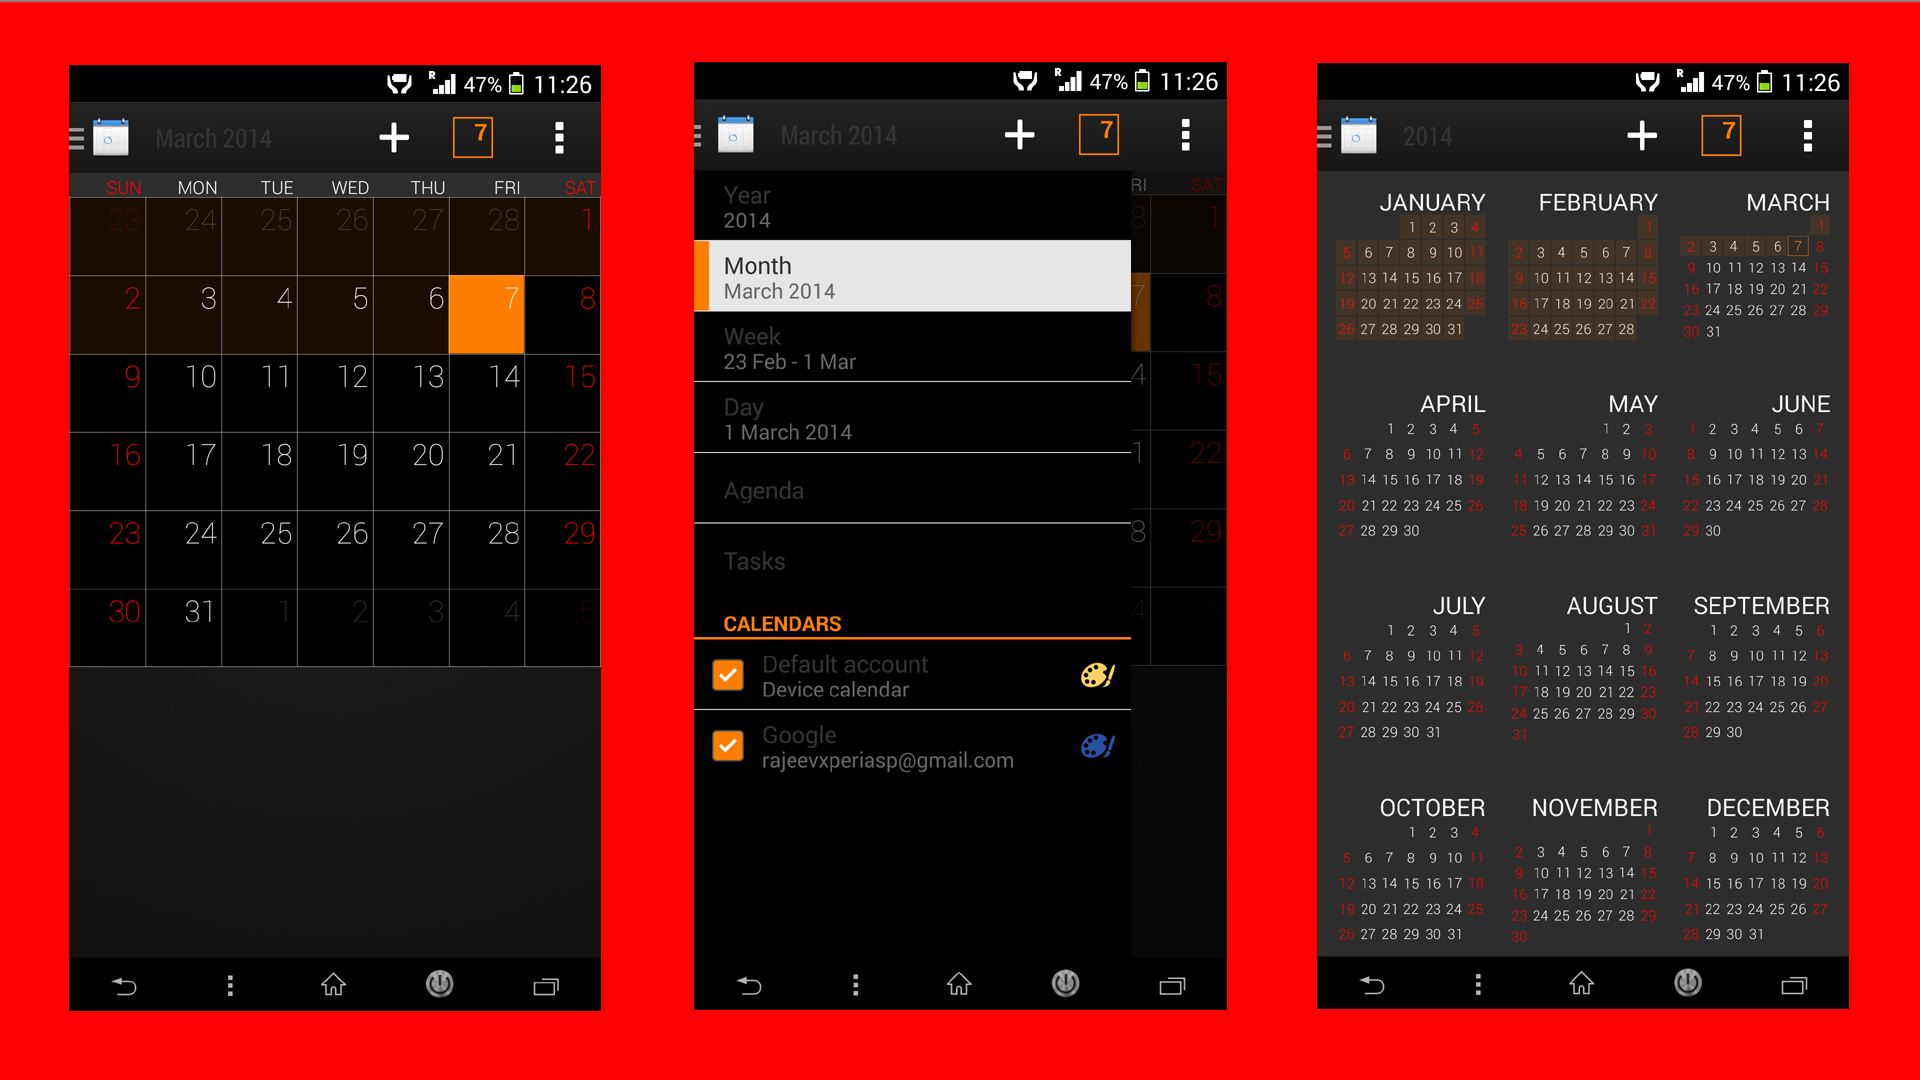 Xperia Z2 Black Theme Calendar app